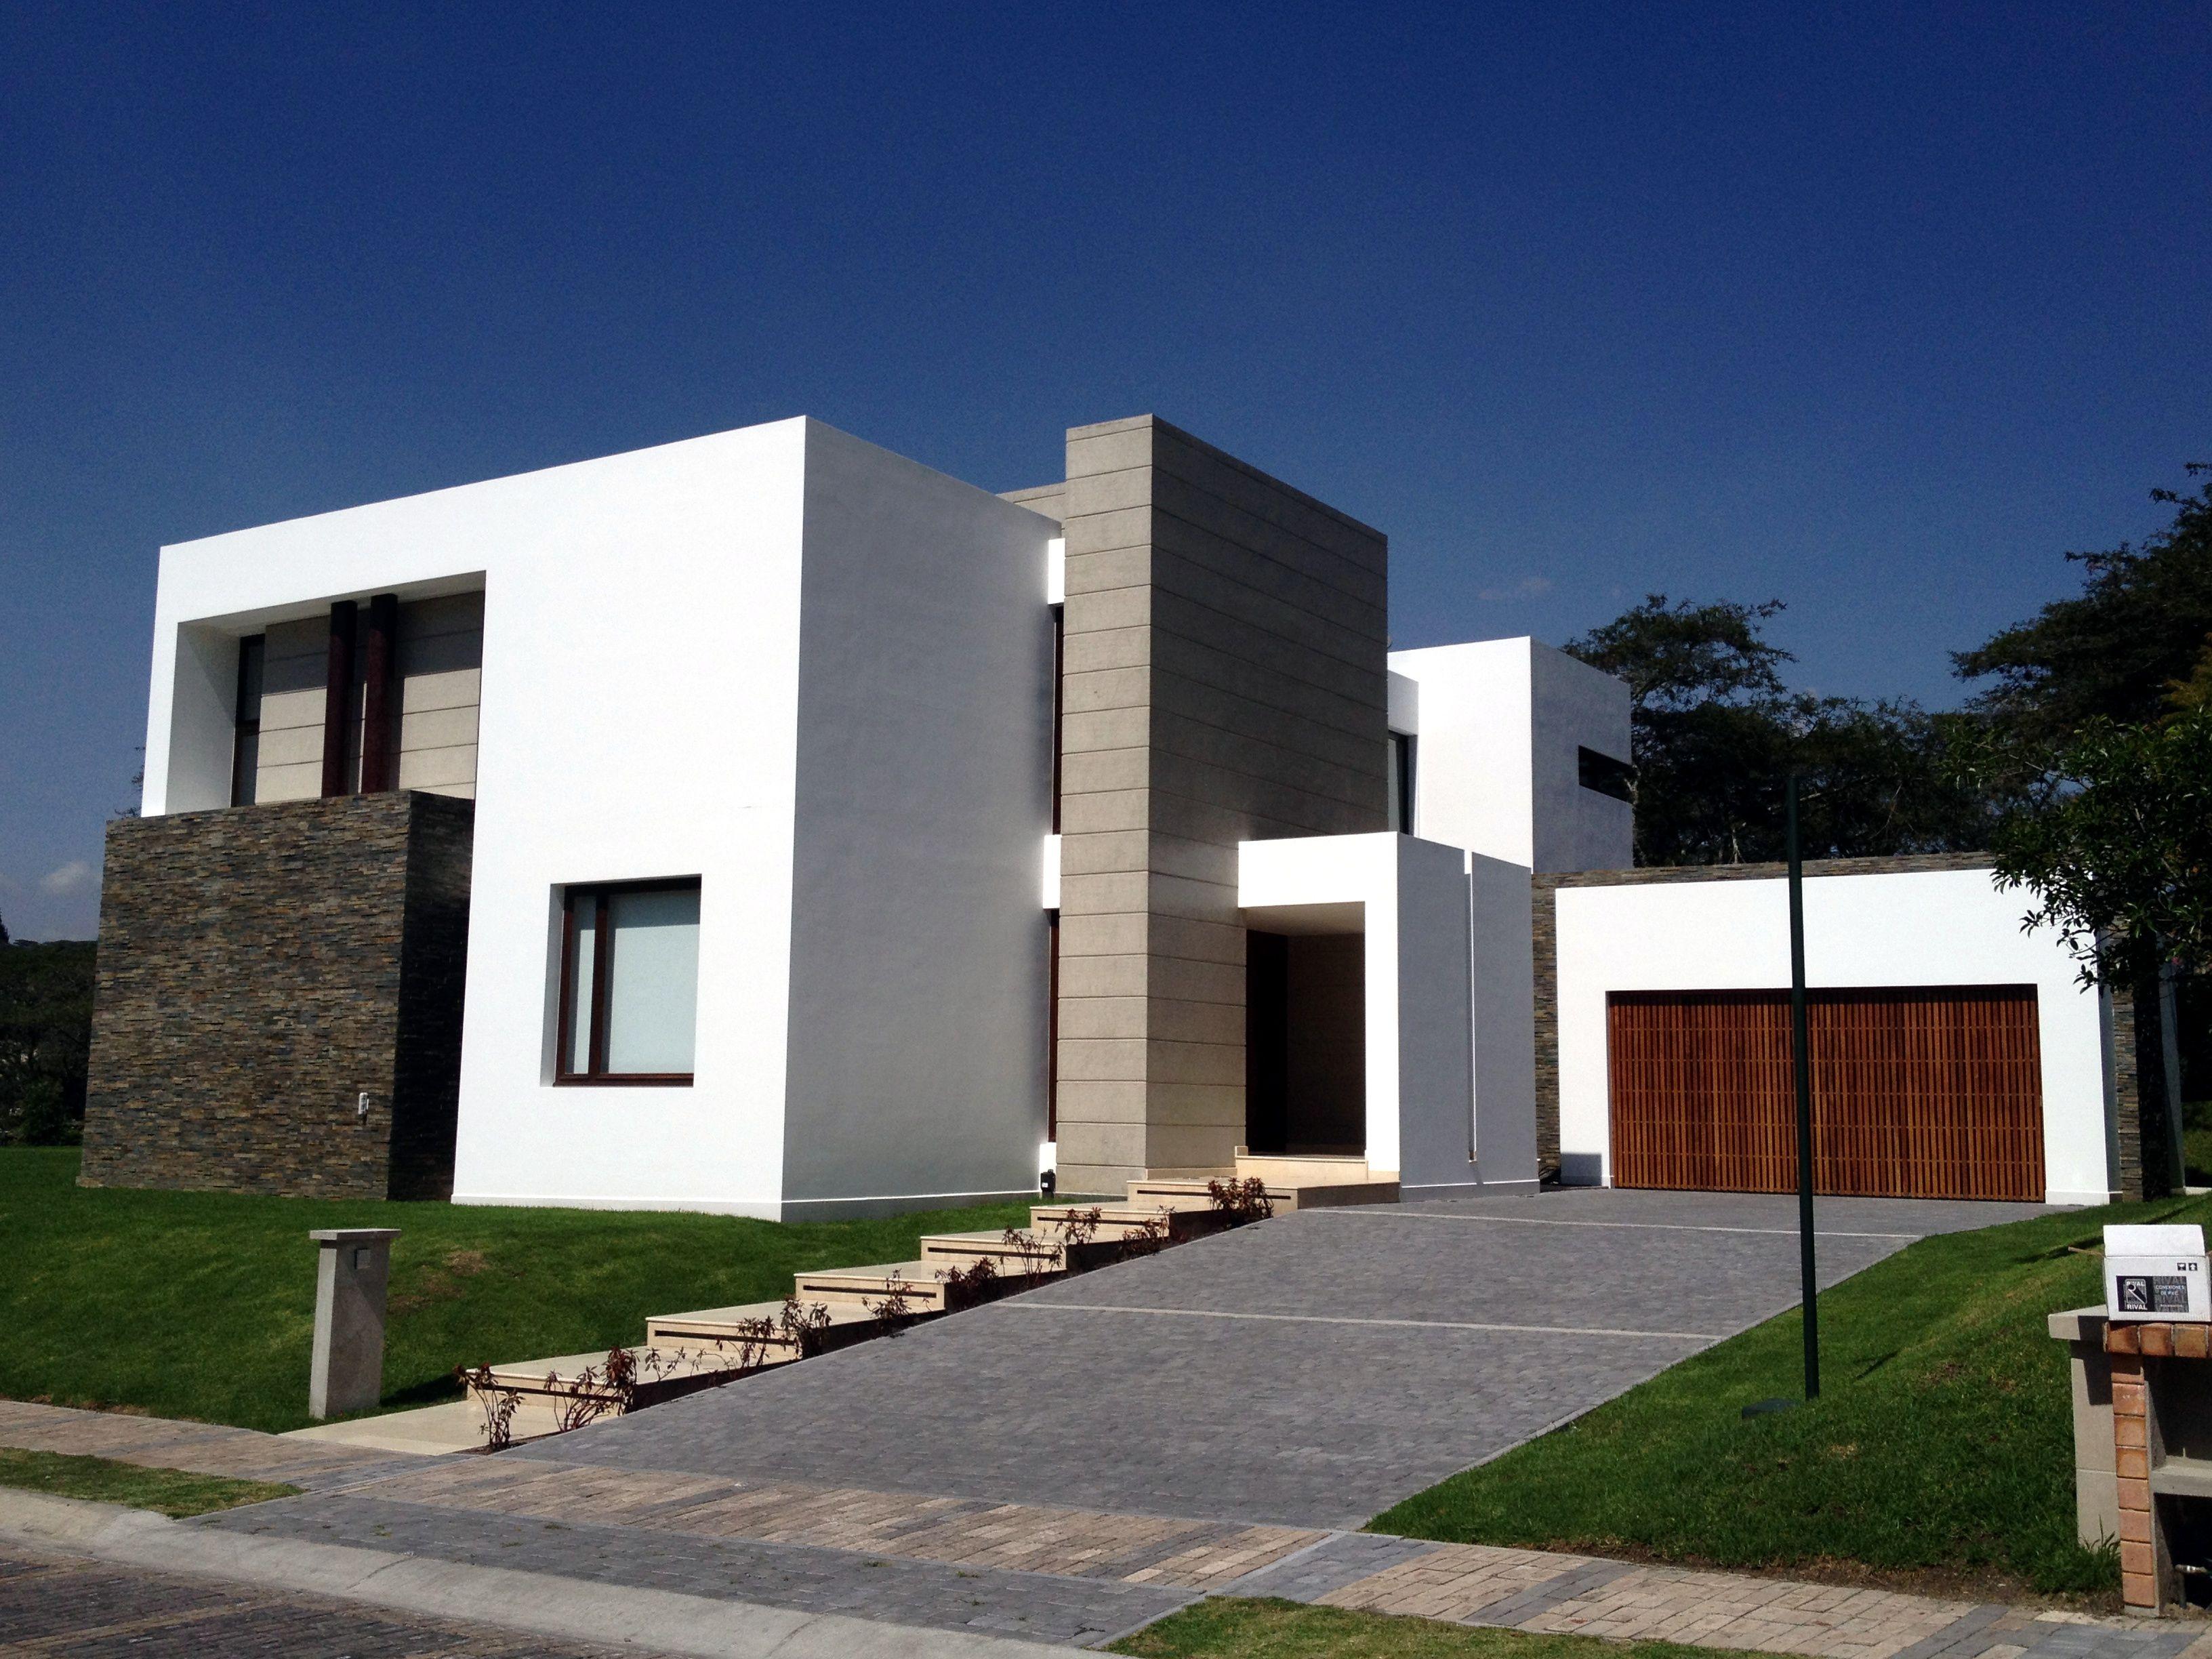 Combinaci n de materiales c lidos como la madera y fr os - Materiales para fachadas exteriores ...